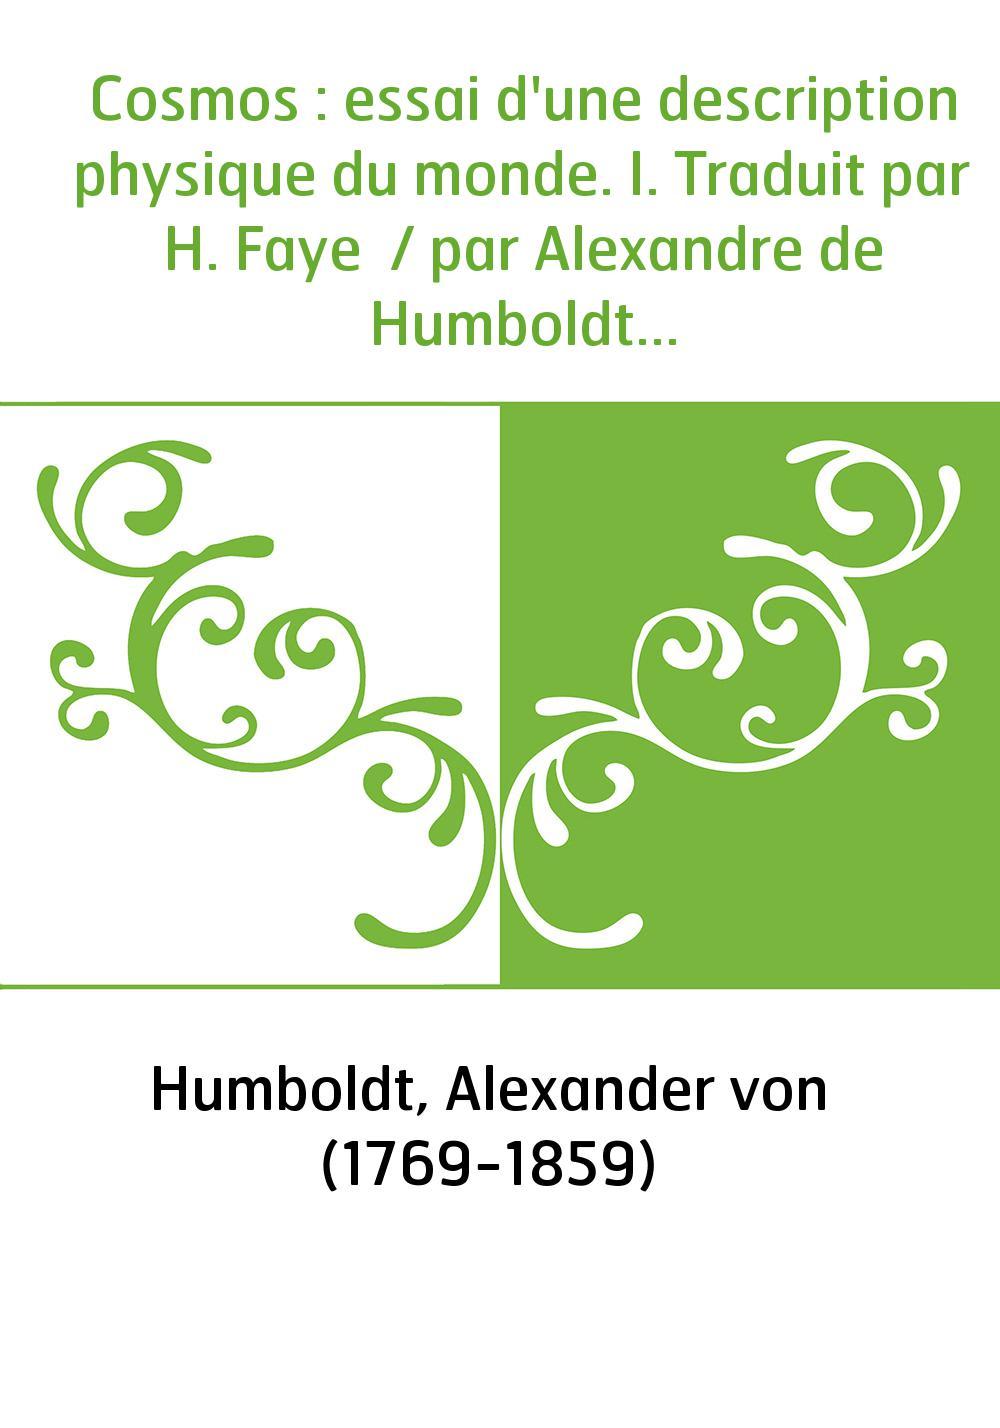 Cosmos : essai d'une description physique du monde. I. Traduit par H. Faye / par Alexandre de Humboldt...